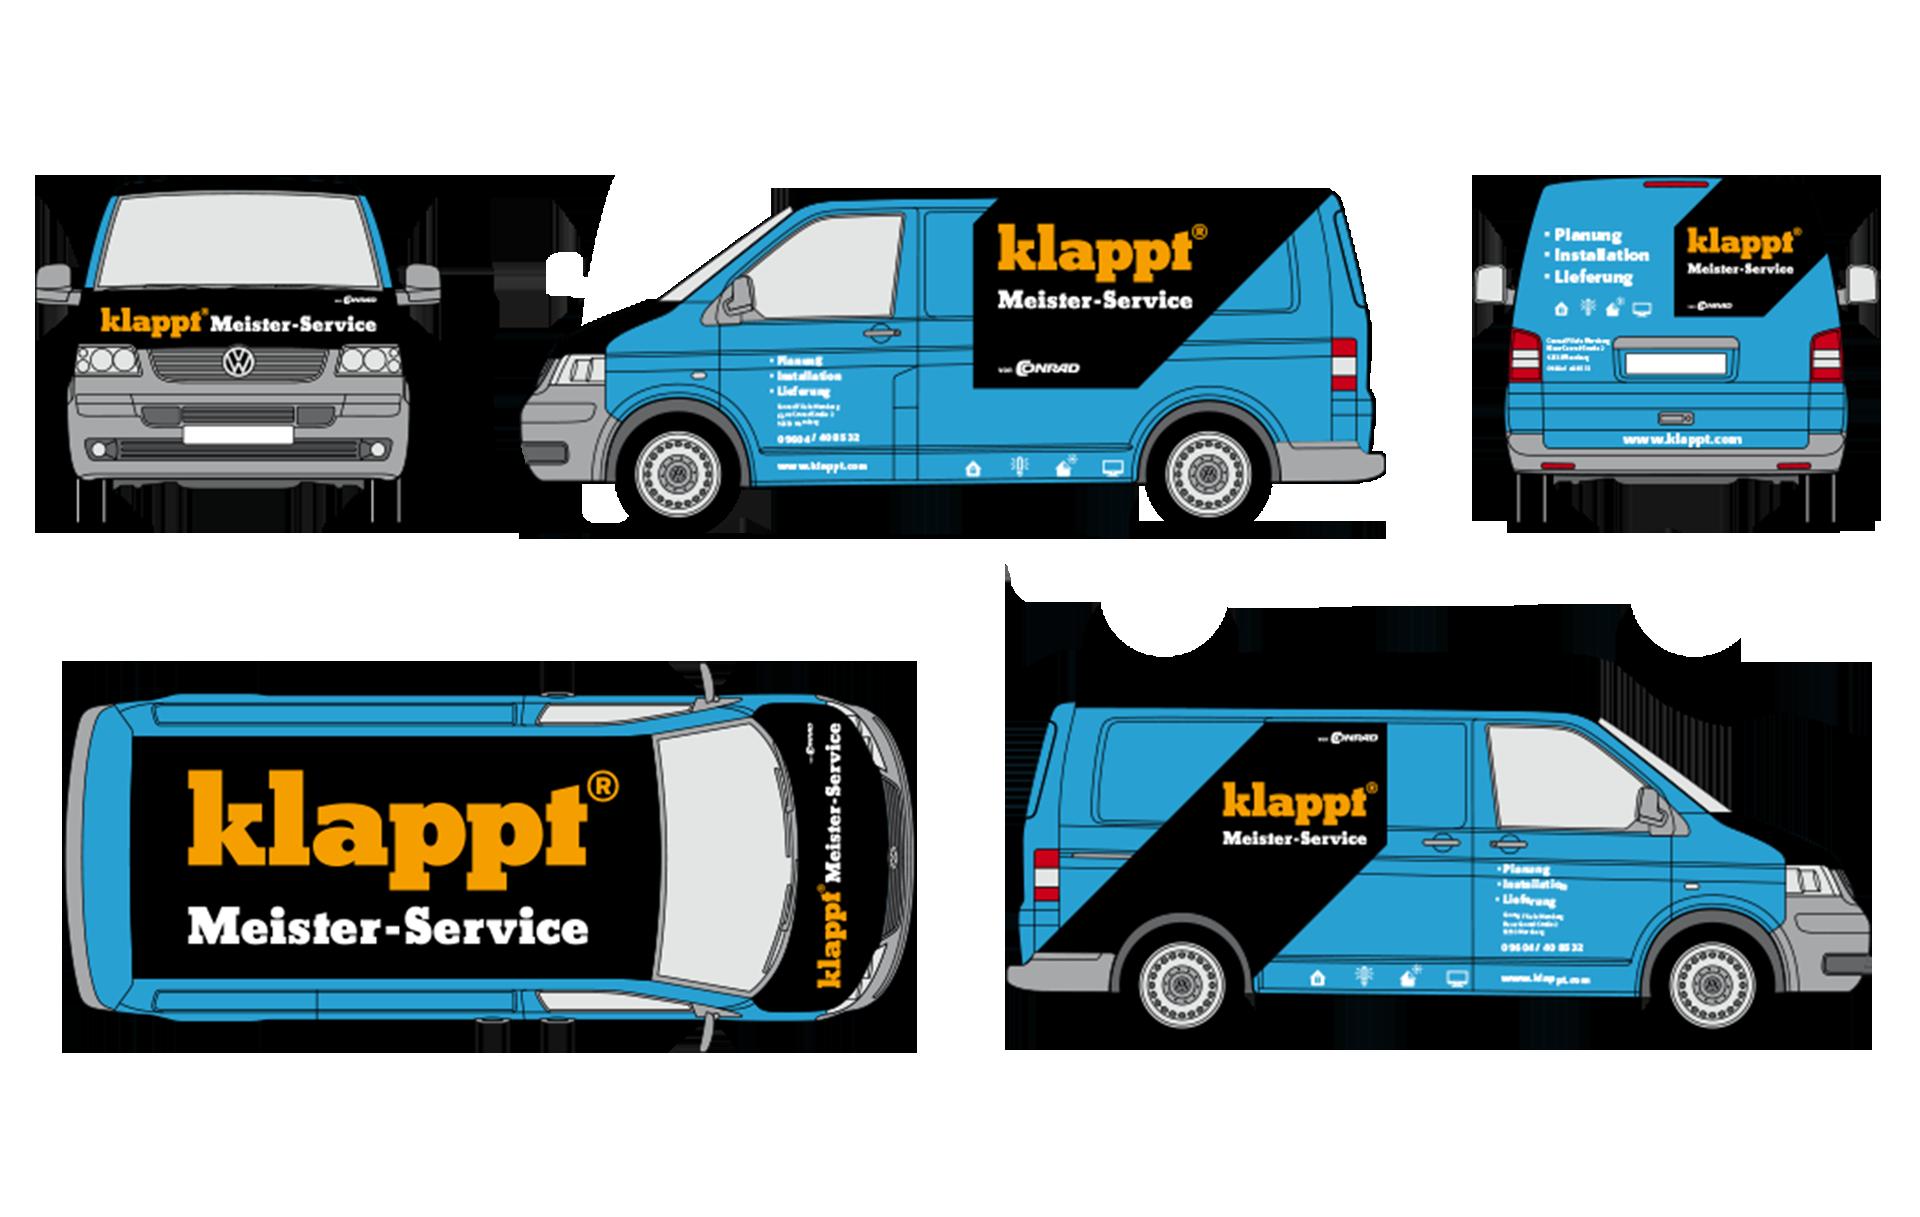 klappt_Fahrzeug